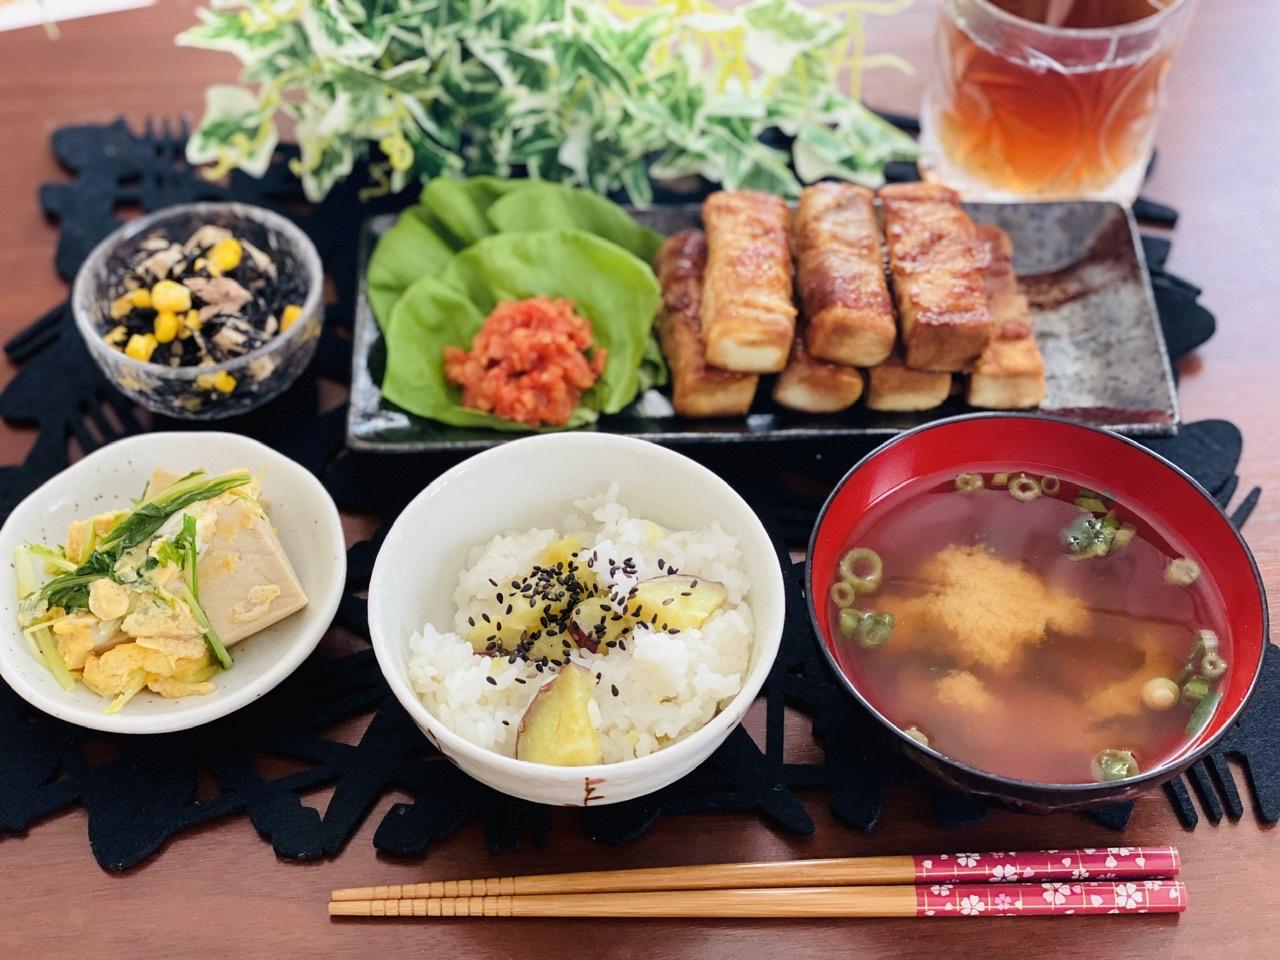 【今月のお家ごはん】アラサー女子の食卓!作り置きおかずでラク晩ご飯♡-Vol.21-_5